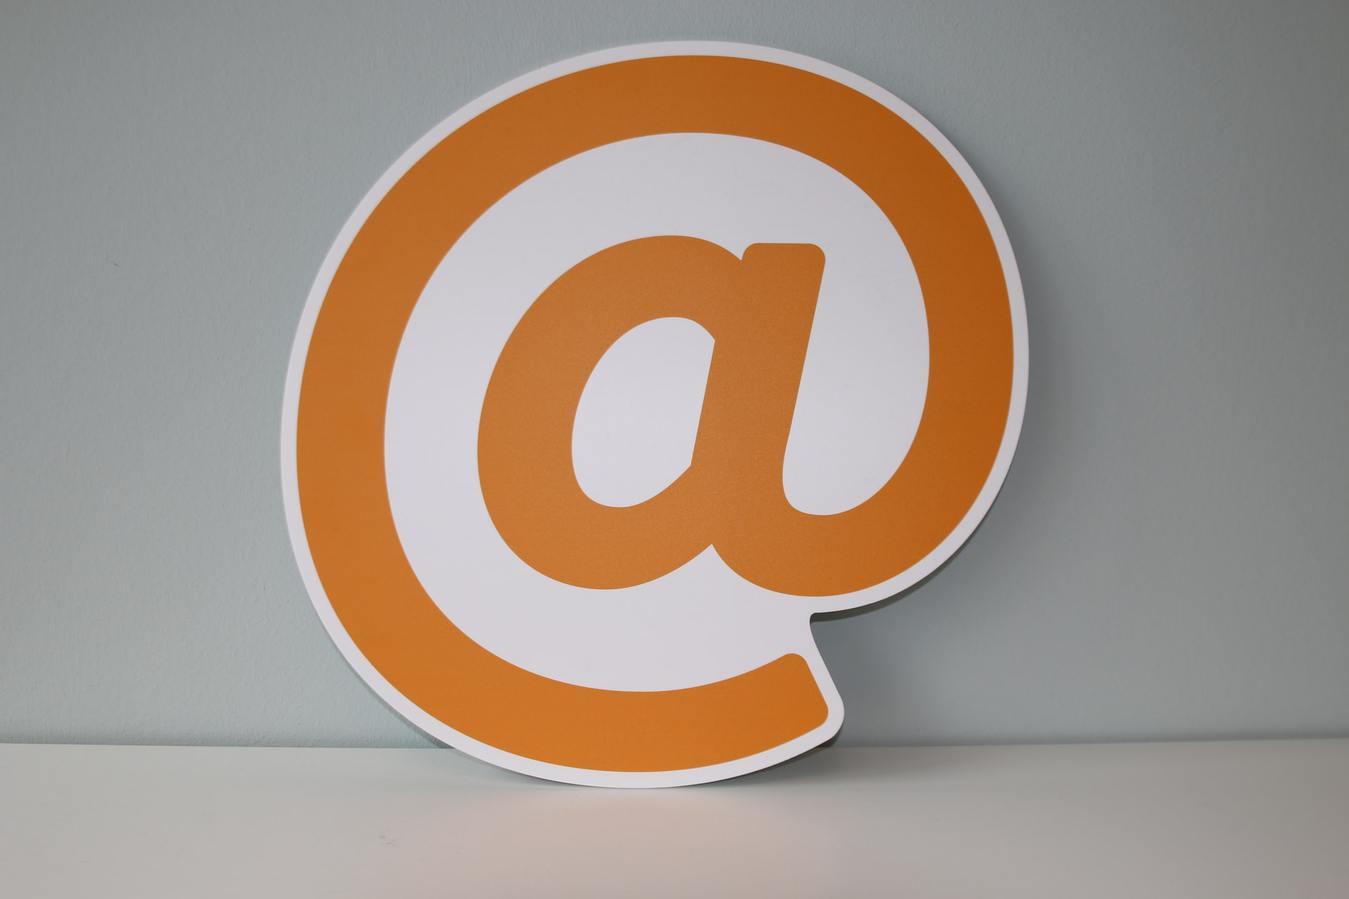 Ein orangefarbenes Symbol vor grauem Hintergrund